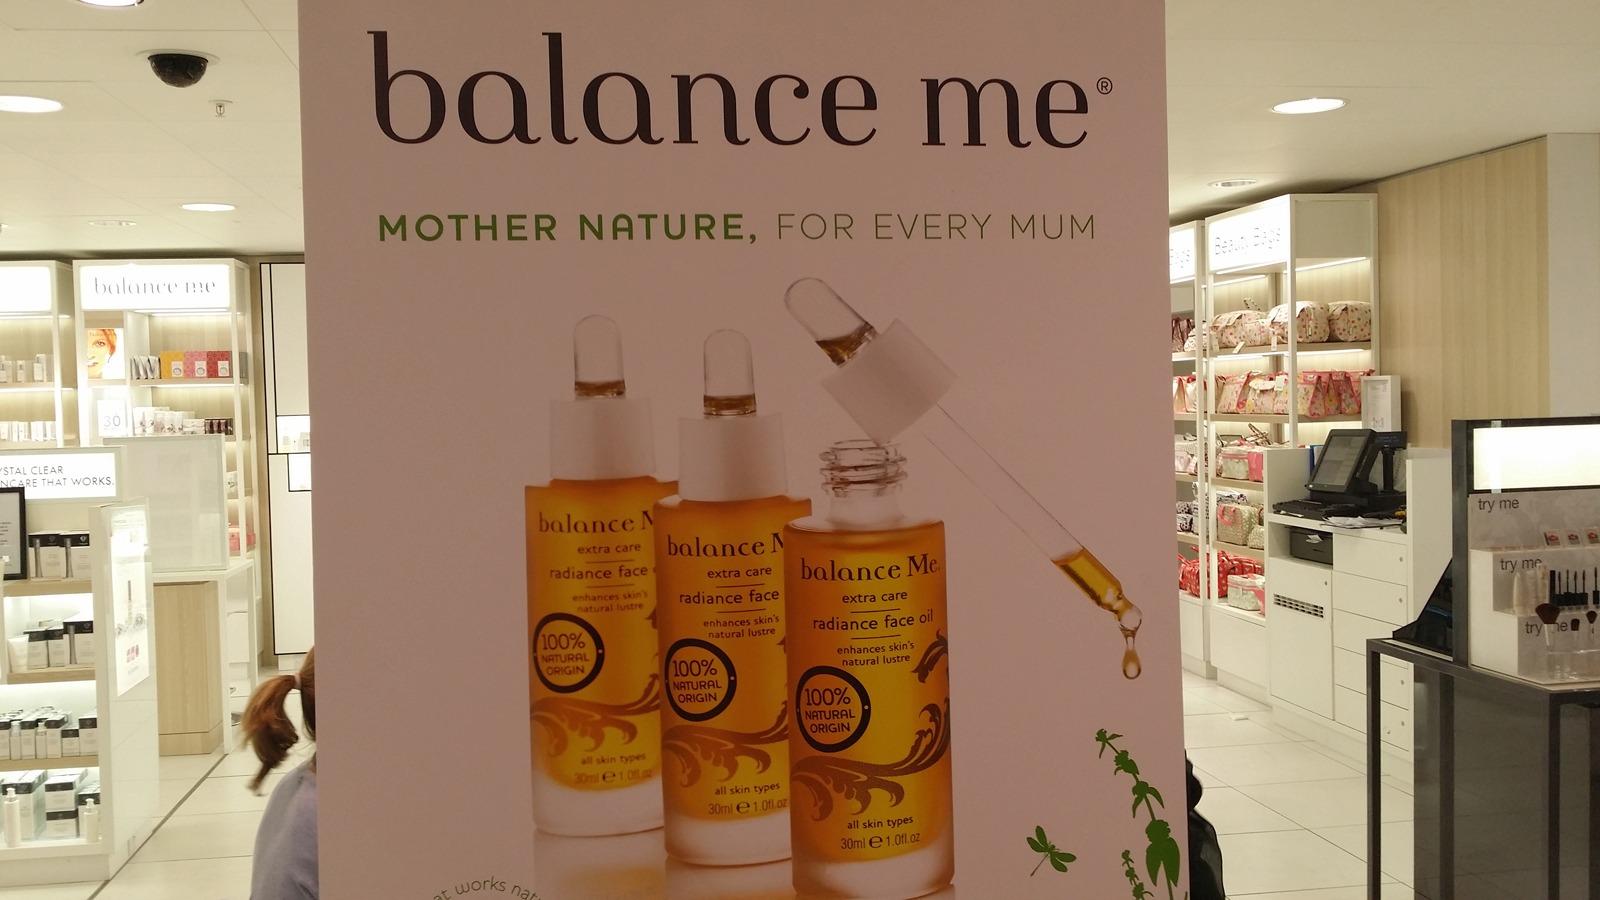 2014-biteable-beauty-balance-me-beauty-face-oil-debenhams